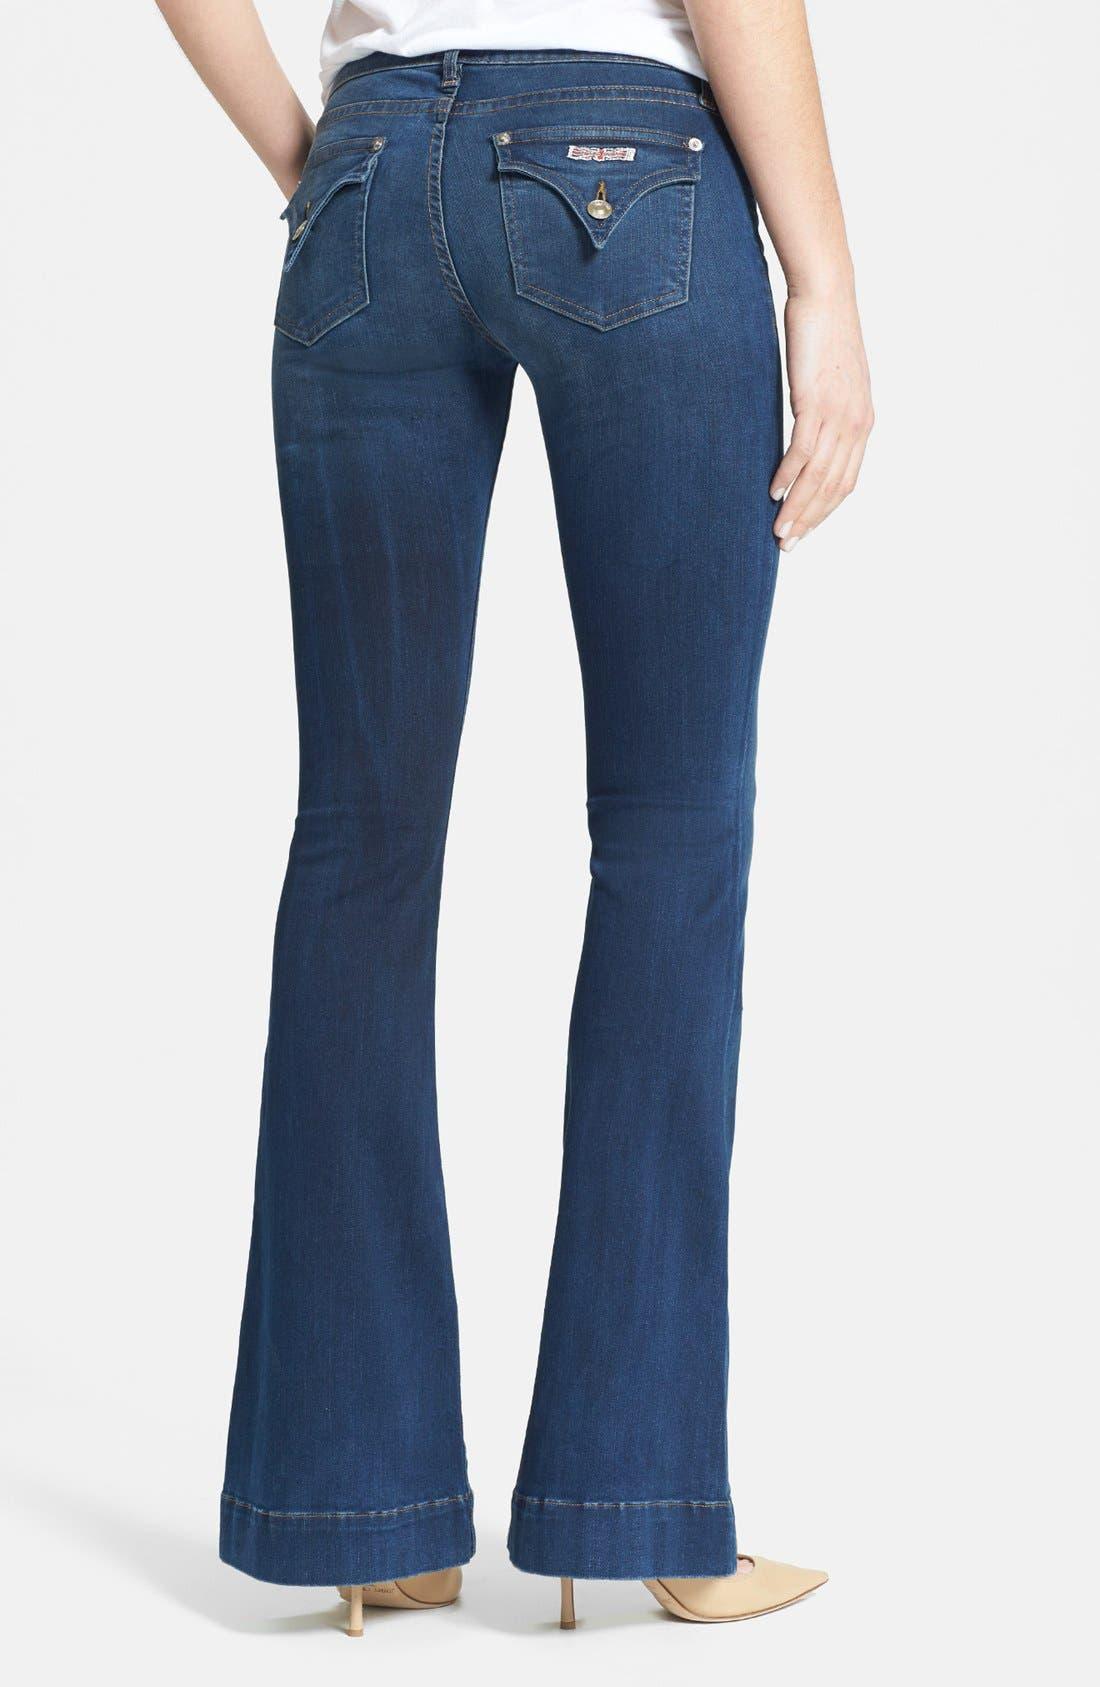 Alternate Image 2  - Hudson Jeans 'Ferris' Flare Leg Jeans (Wanderlust)